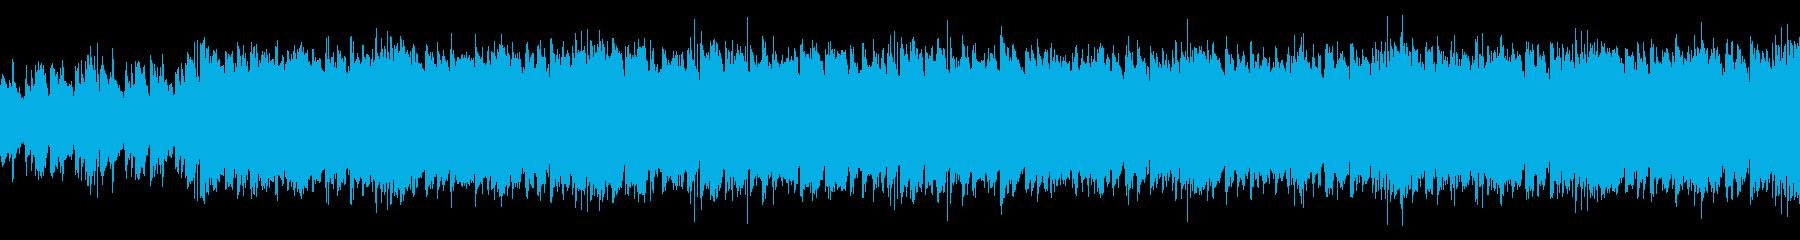 映画やTV番組用のパワフルでワイルドな曲の再生済みの波形